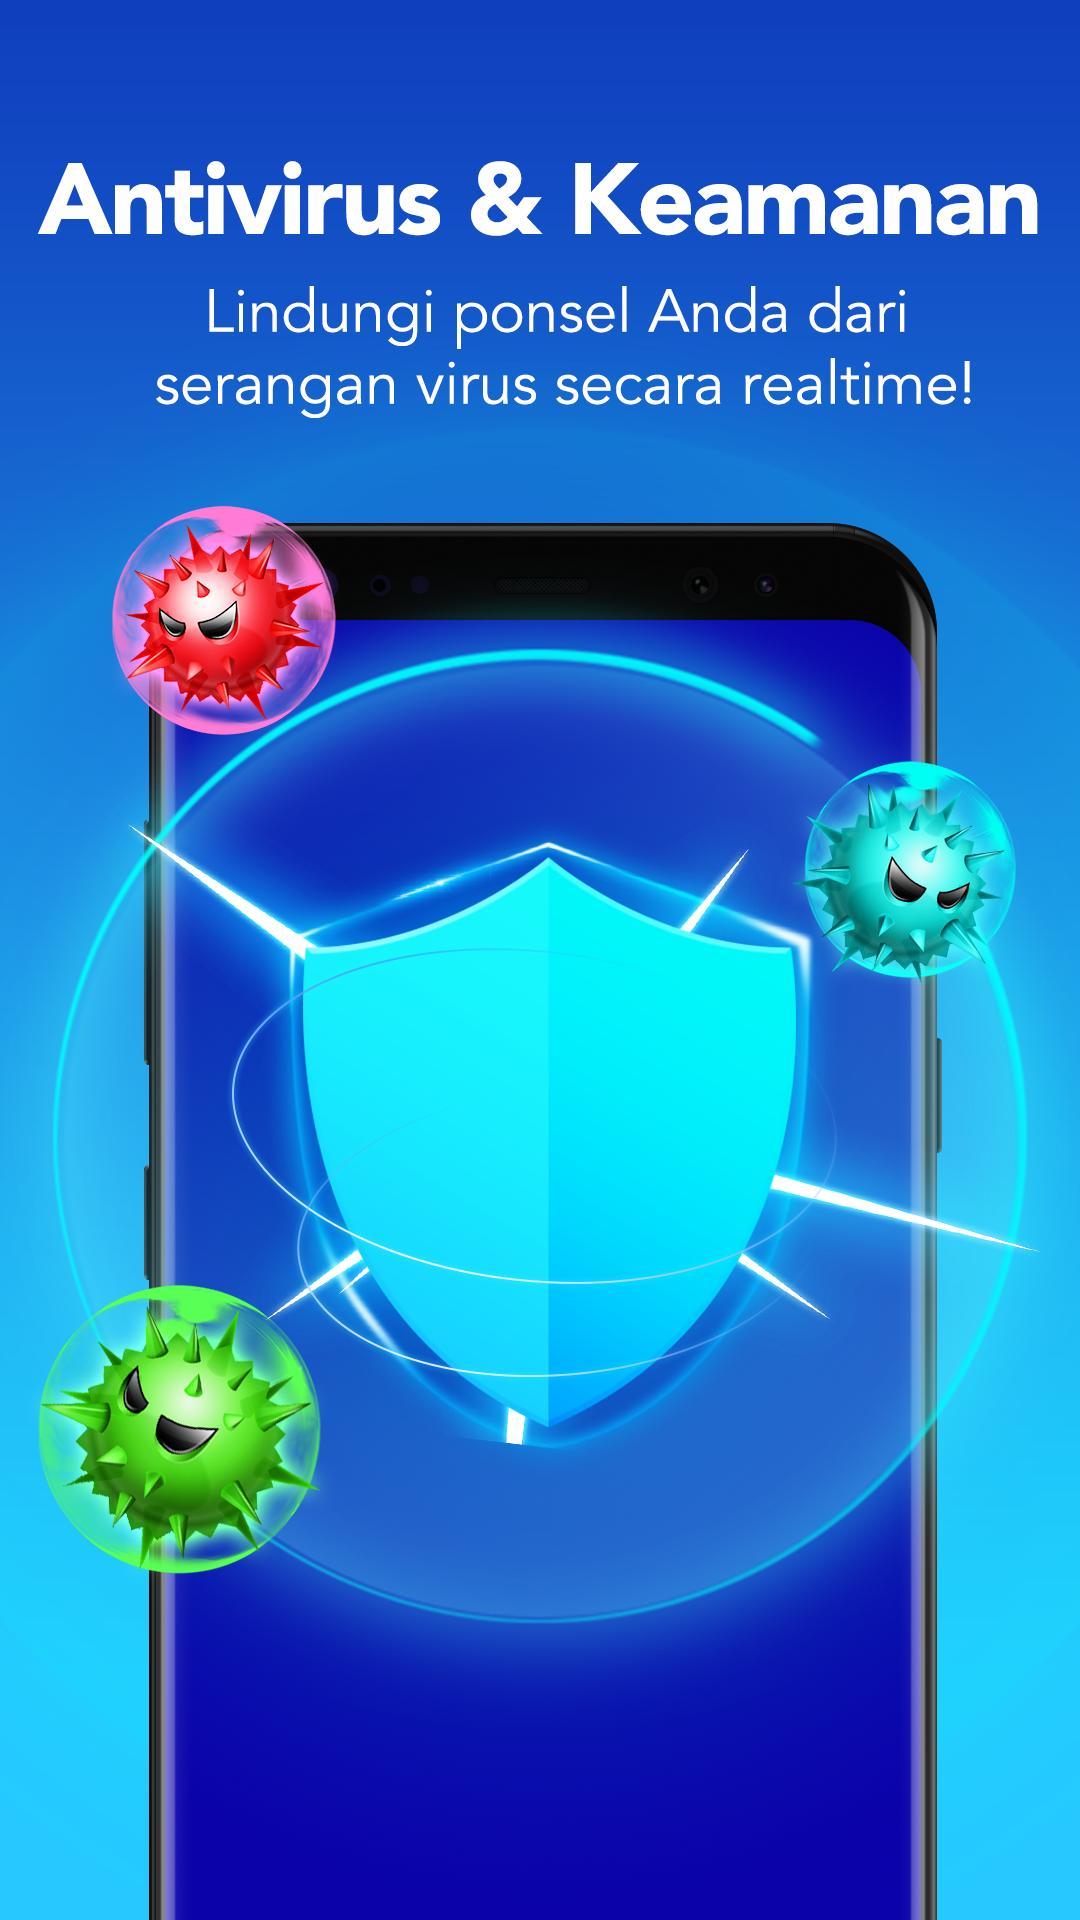 Pembersih Anti Virus Pembersih Virus Dan Sampah For Android Apk Download